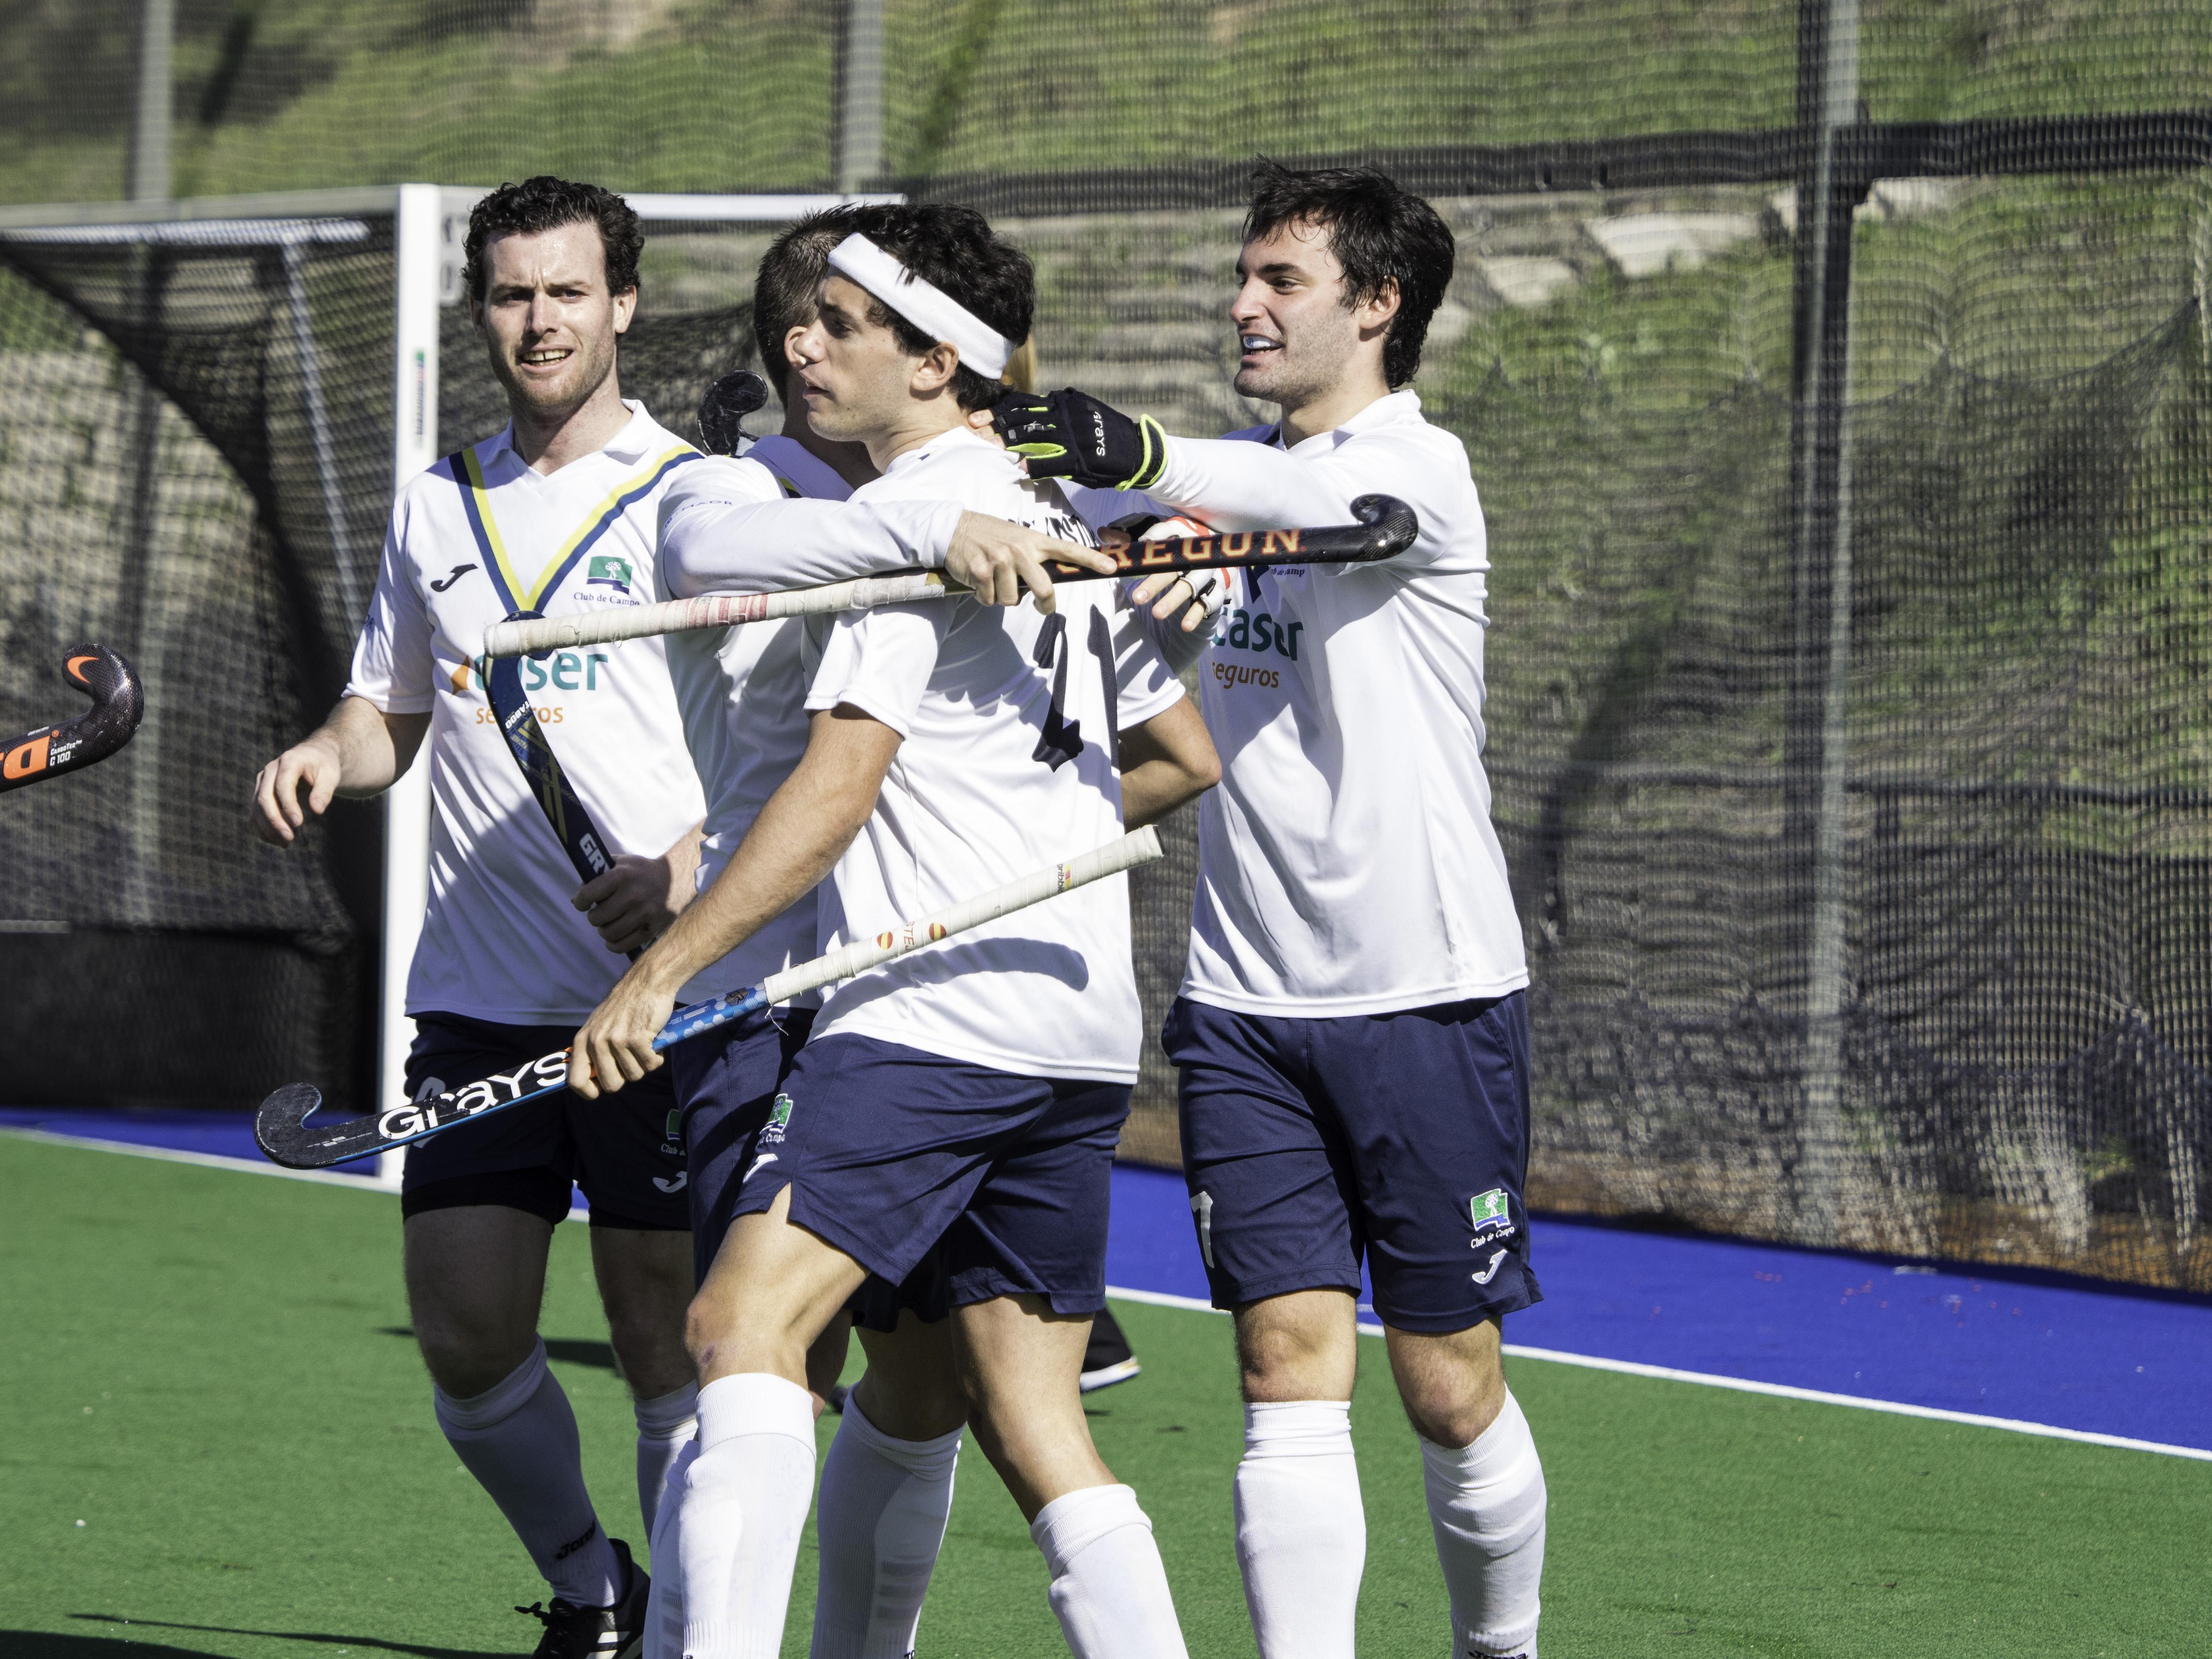 Los jugadores del Club celebran un gol. Foto: Ignacio Monsalve / CCVM